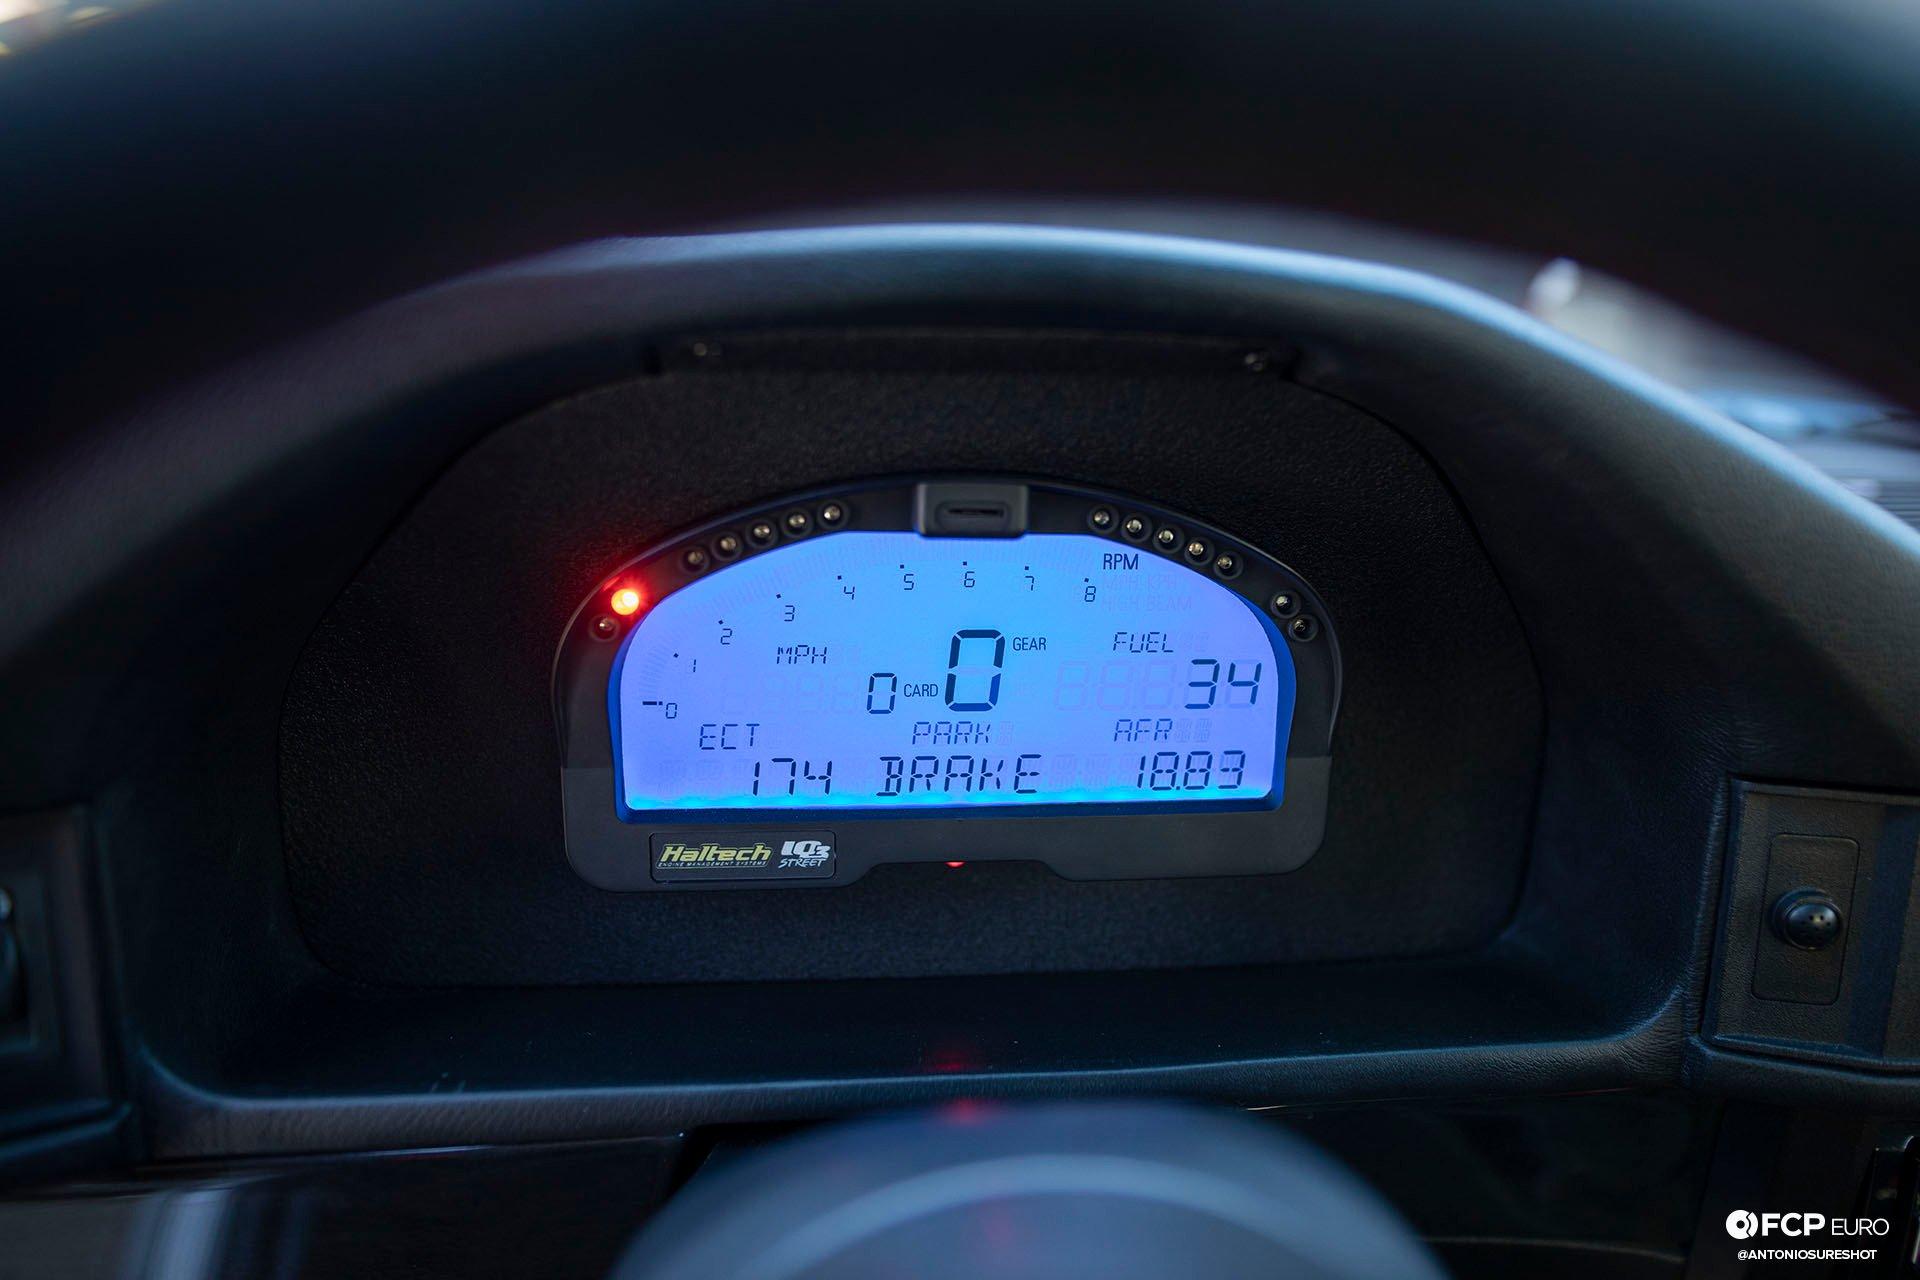 E34 BMW 540i M-Sport Haltech IQ3